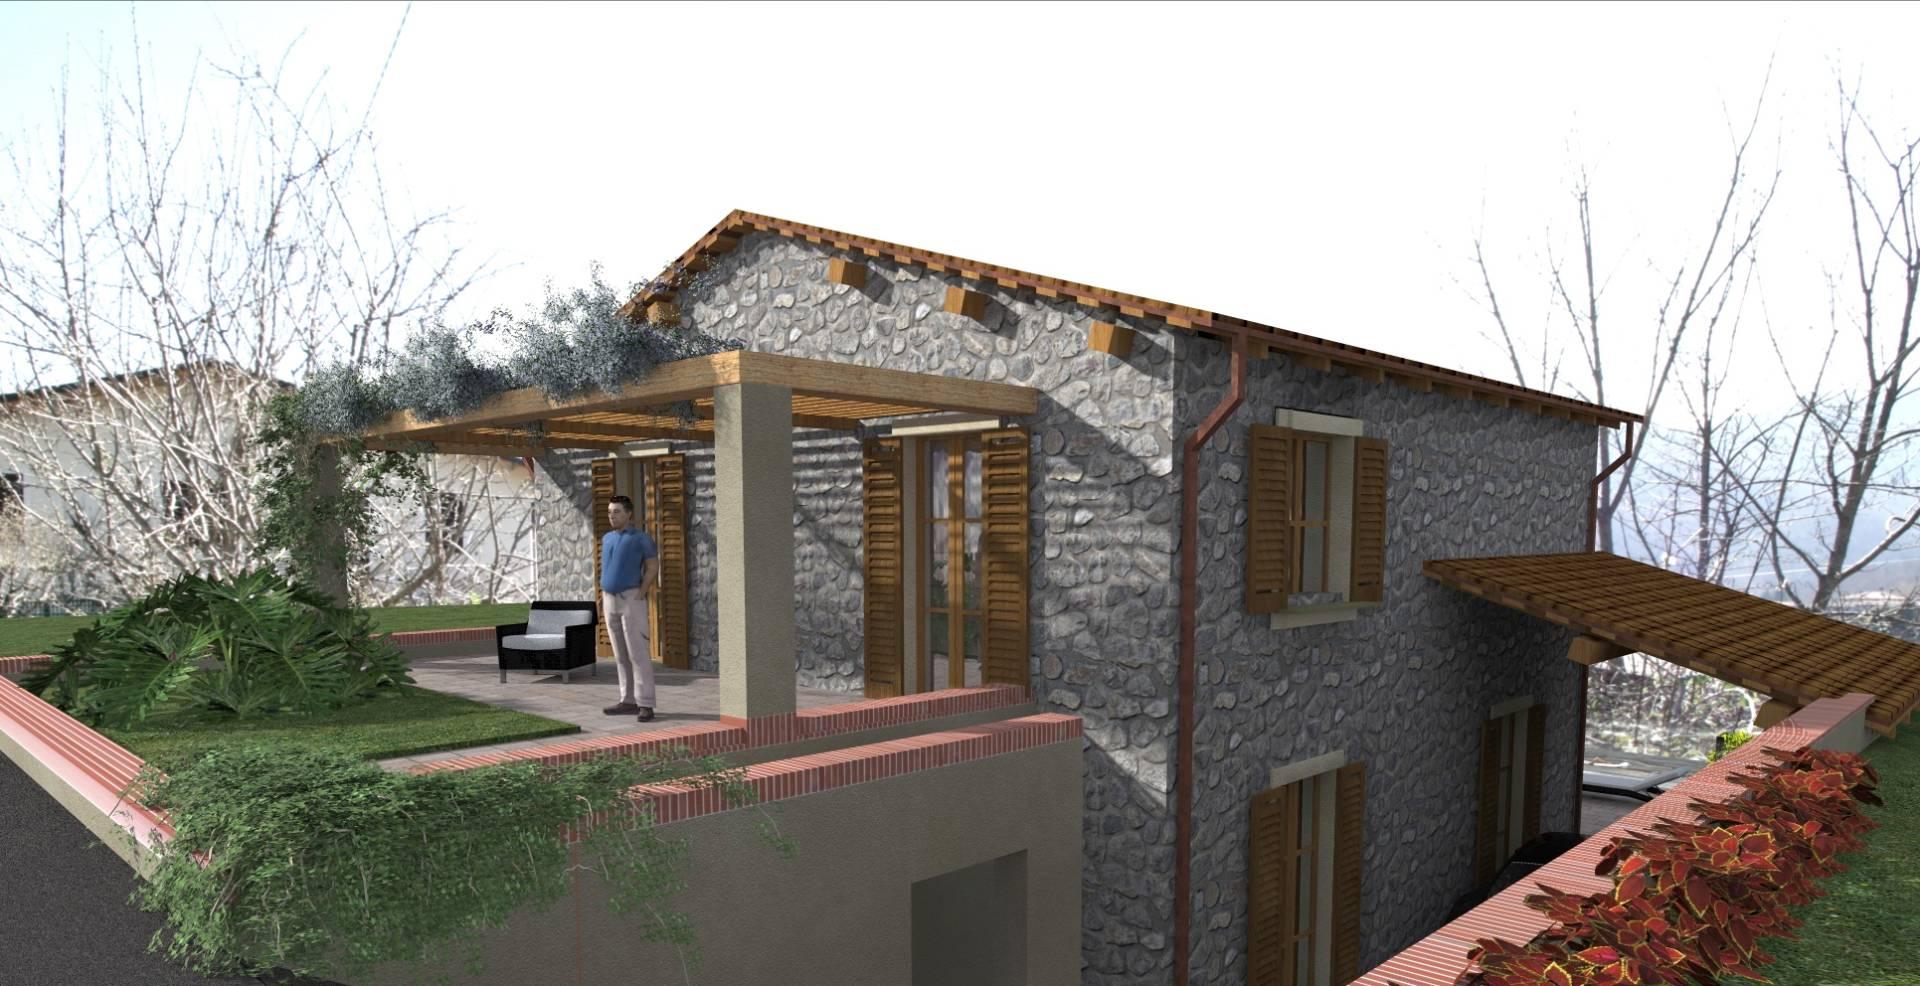 Rustico / Casale in vendita a Camporgiano, 8 locali, zona Zona: Casciana, prezzo € 60.000 | CambioCasa.it